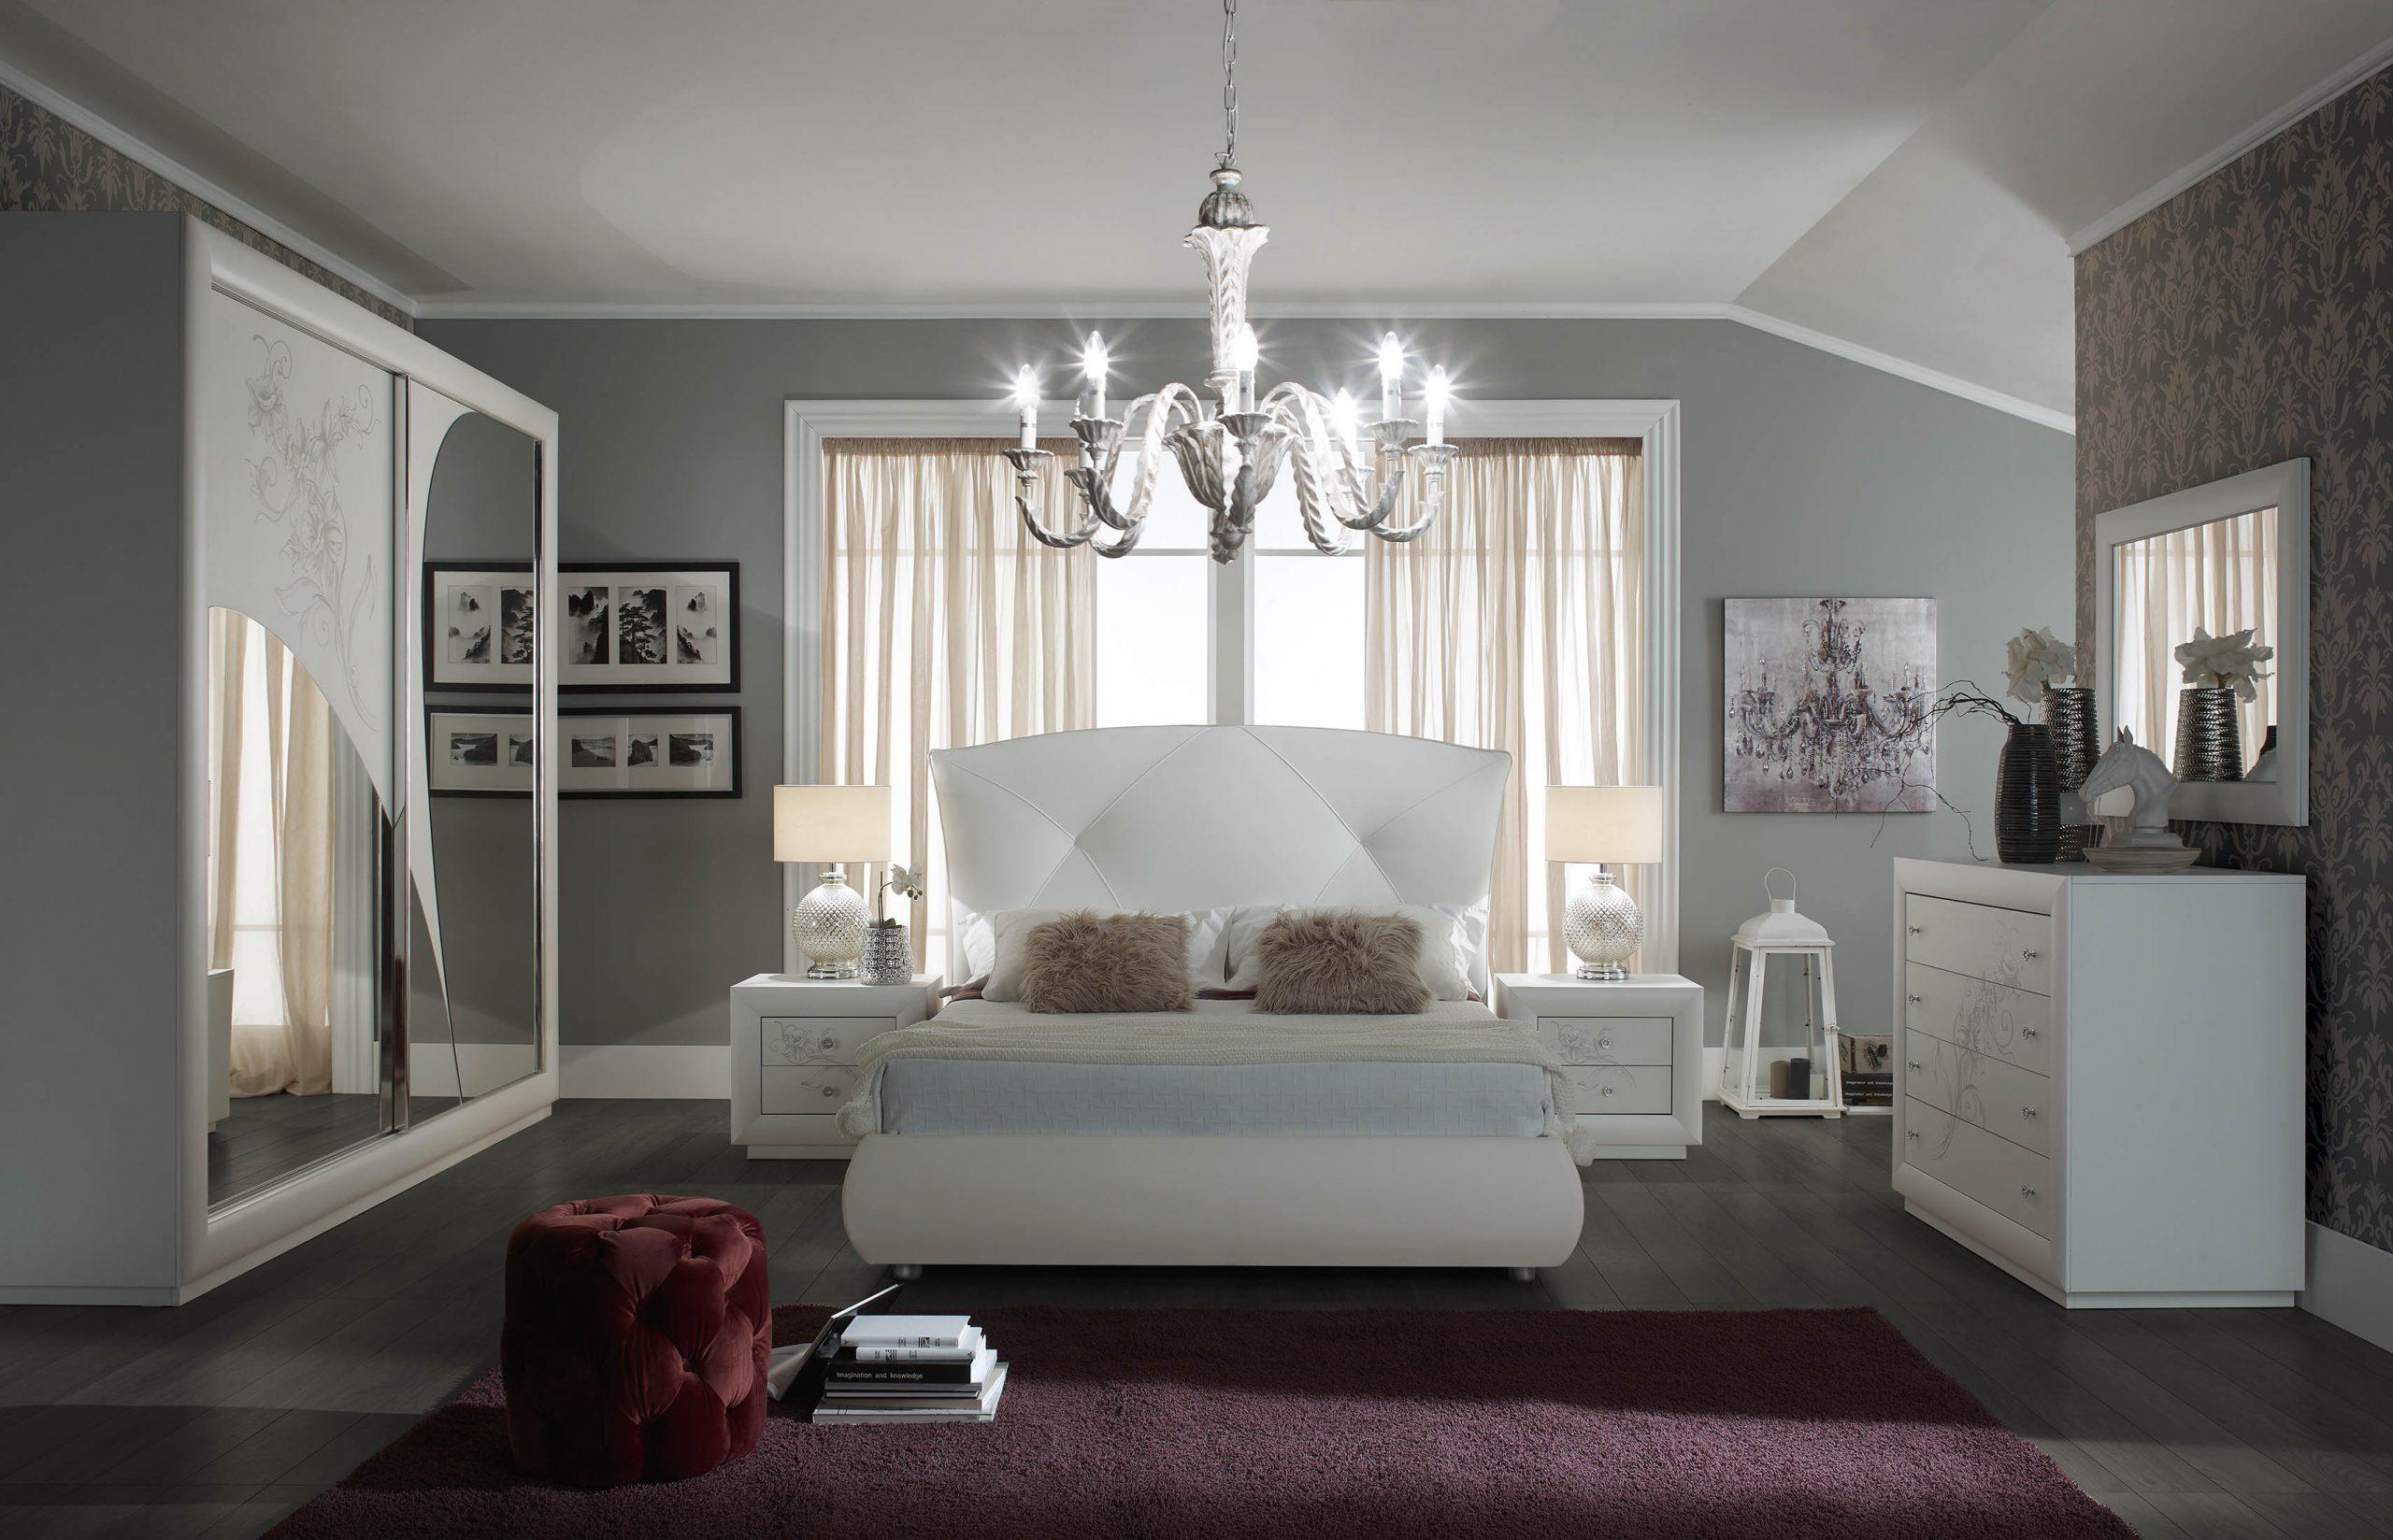 Full Size of Italienische Barockmbel Sicher Und Schnell Online Gnstig Günstige Schlafzimmer Komplett Stuhl Für Küche Mit Elektrogeräten Günstig Rauch Landhausstil Schlafzimmer Schlafzimmer Set Günstig